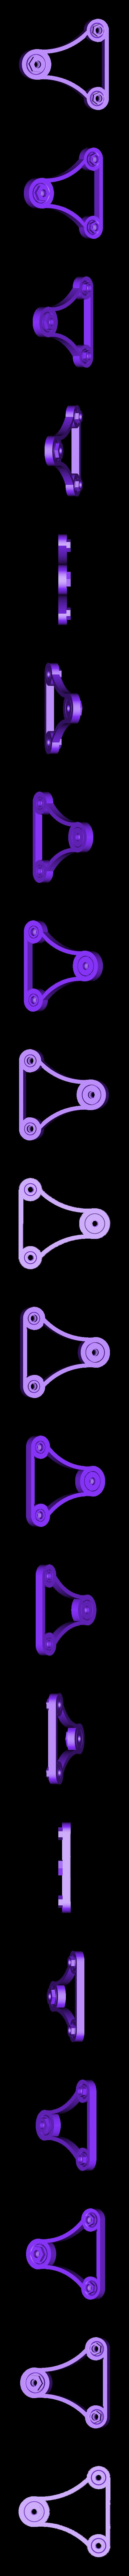 SpinnerArmBigTop.stl Télécharger fichier STL gratuit Porte-bobine universel - Ancienne version • Design à imprimer en 3D, Balkhagal4D